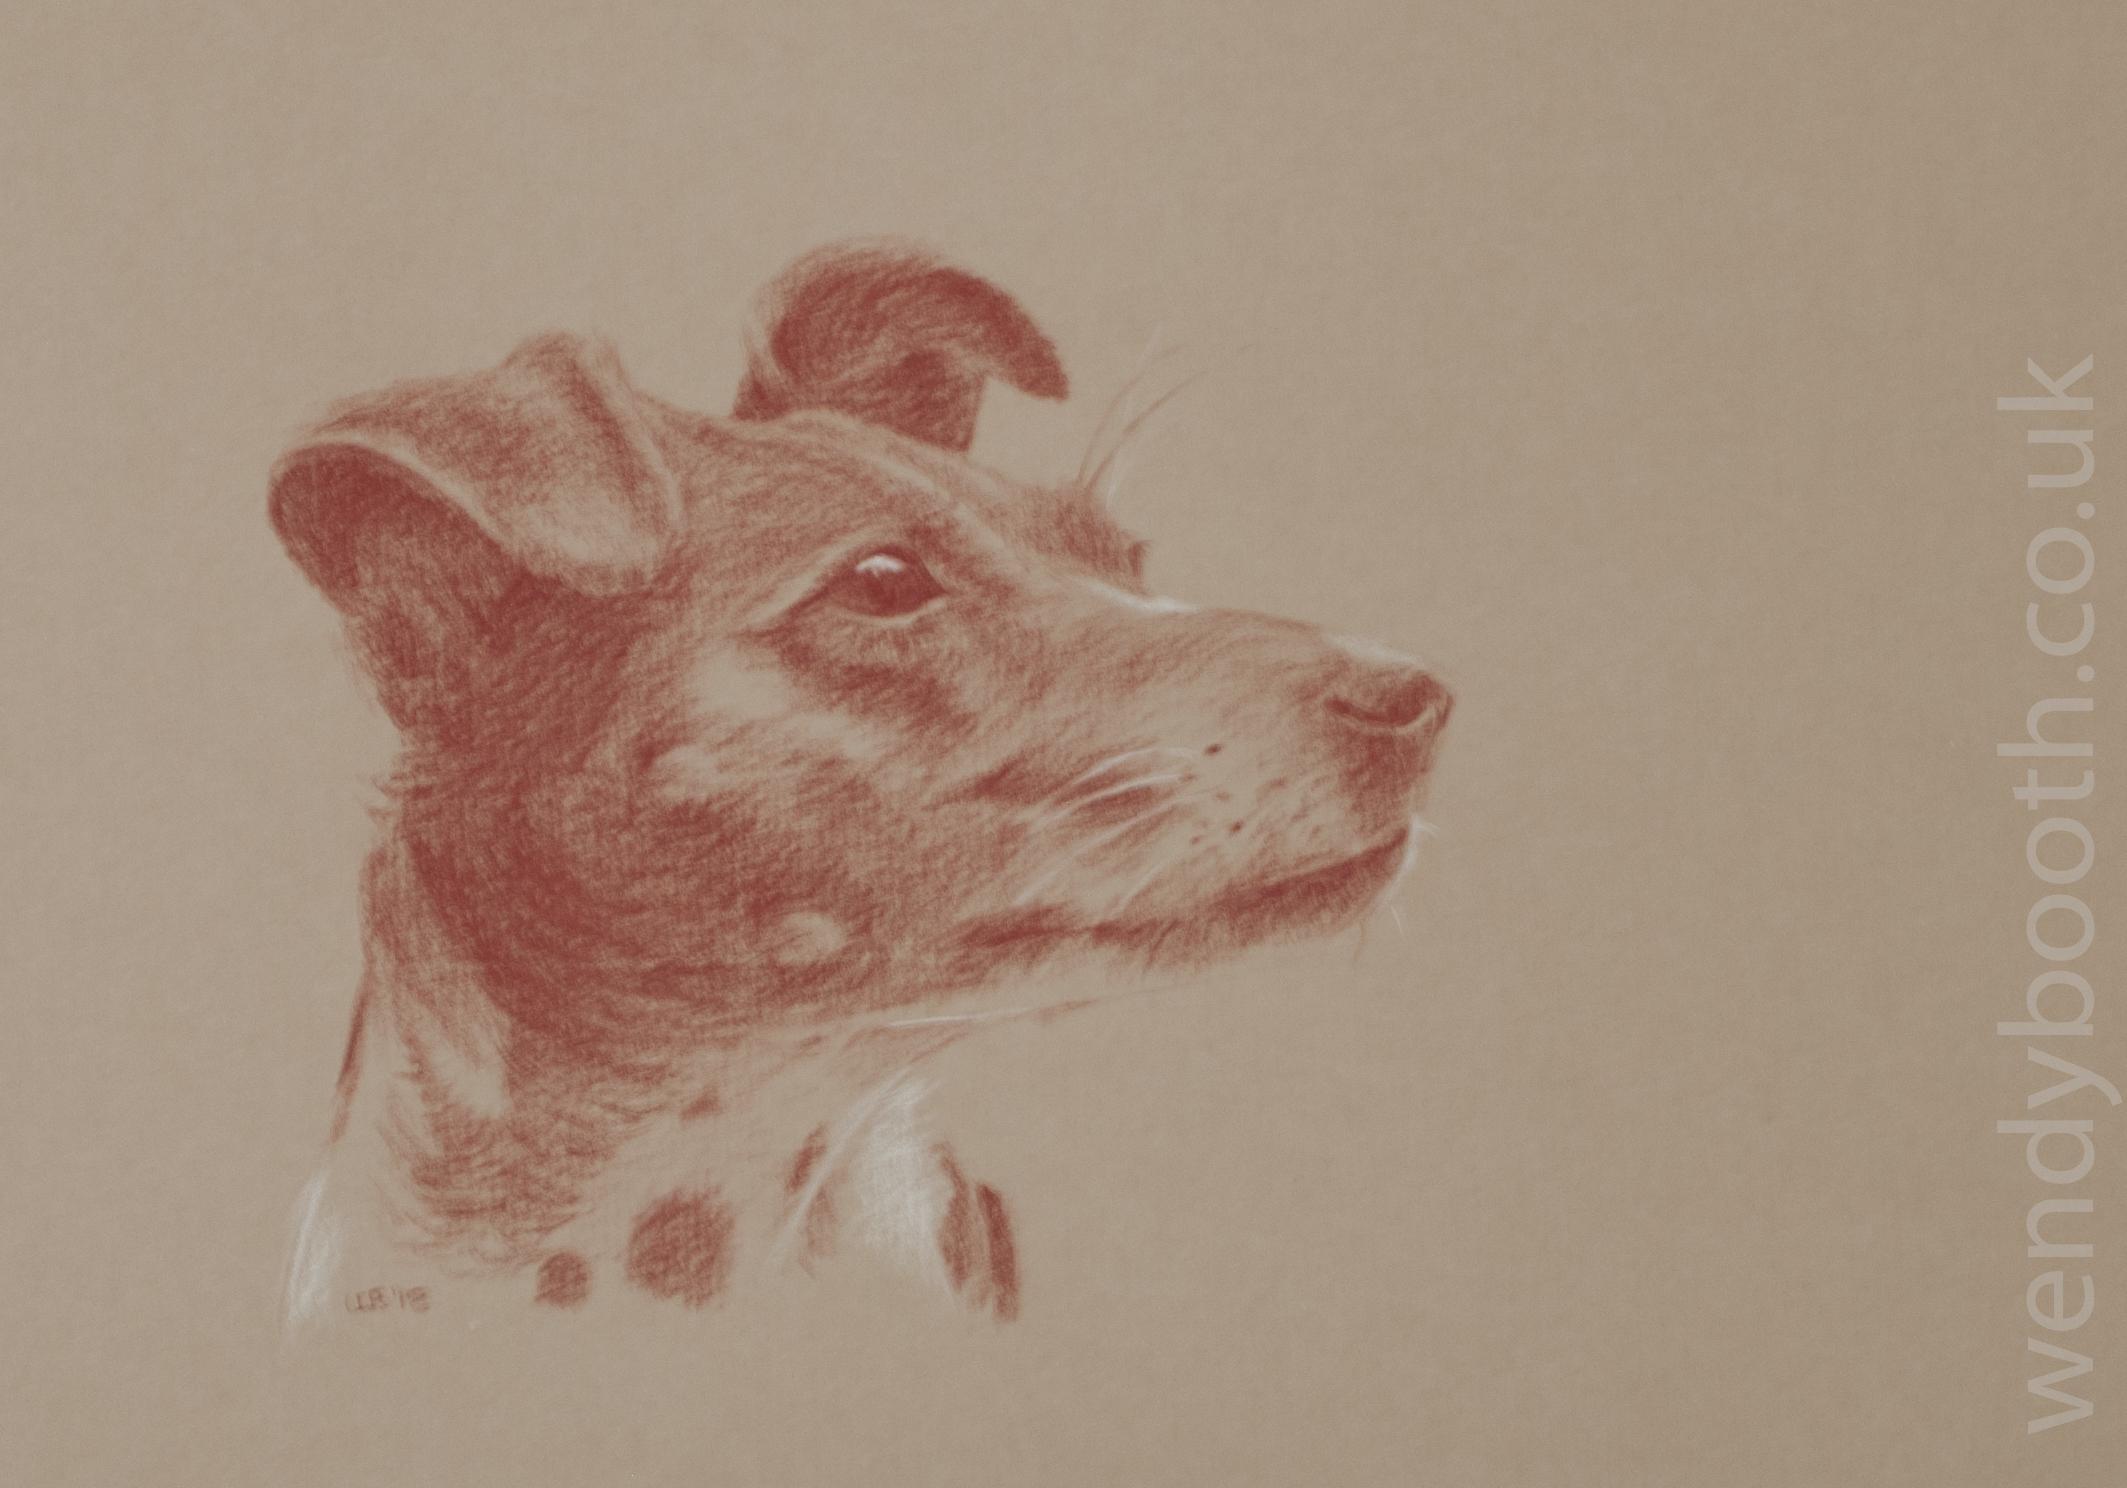 paper professional portrait artist commission grey color paper